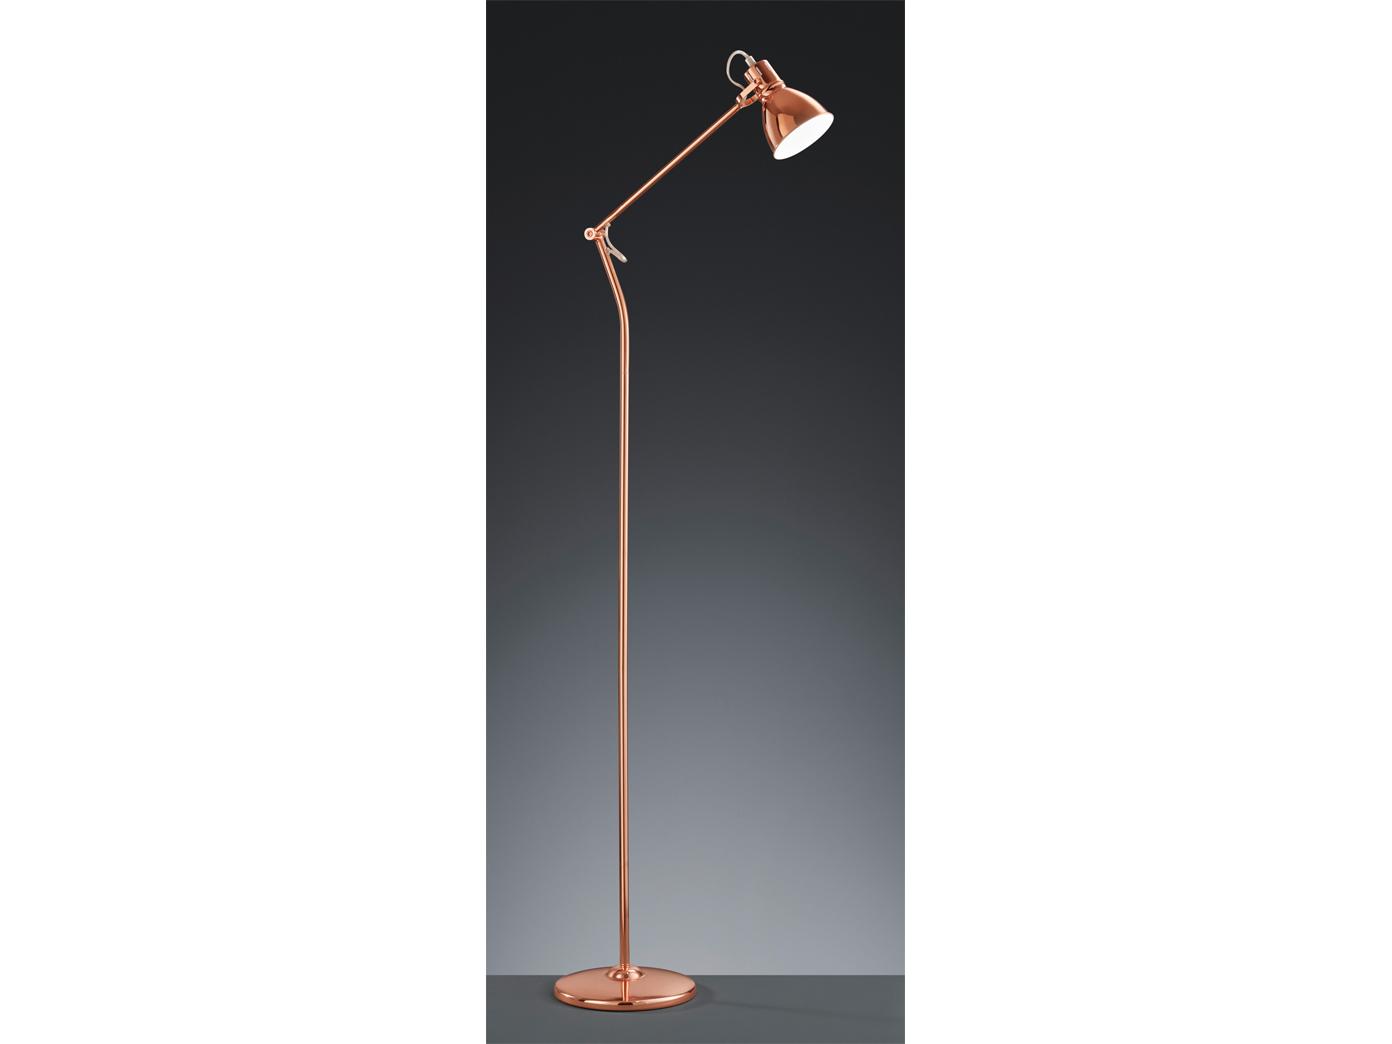 Trio Leuchten Klassisch 140cm Altmessing Stehlampe Schwenkbar